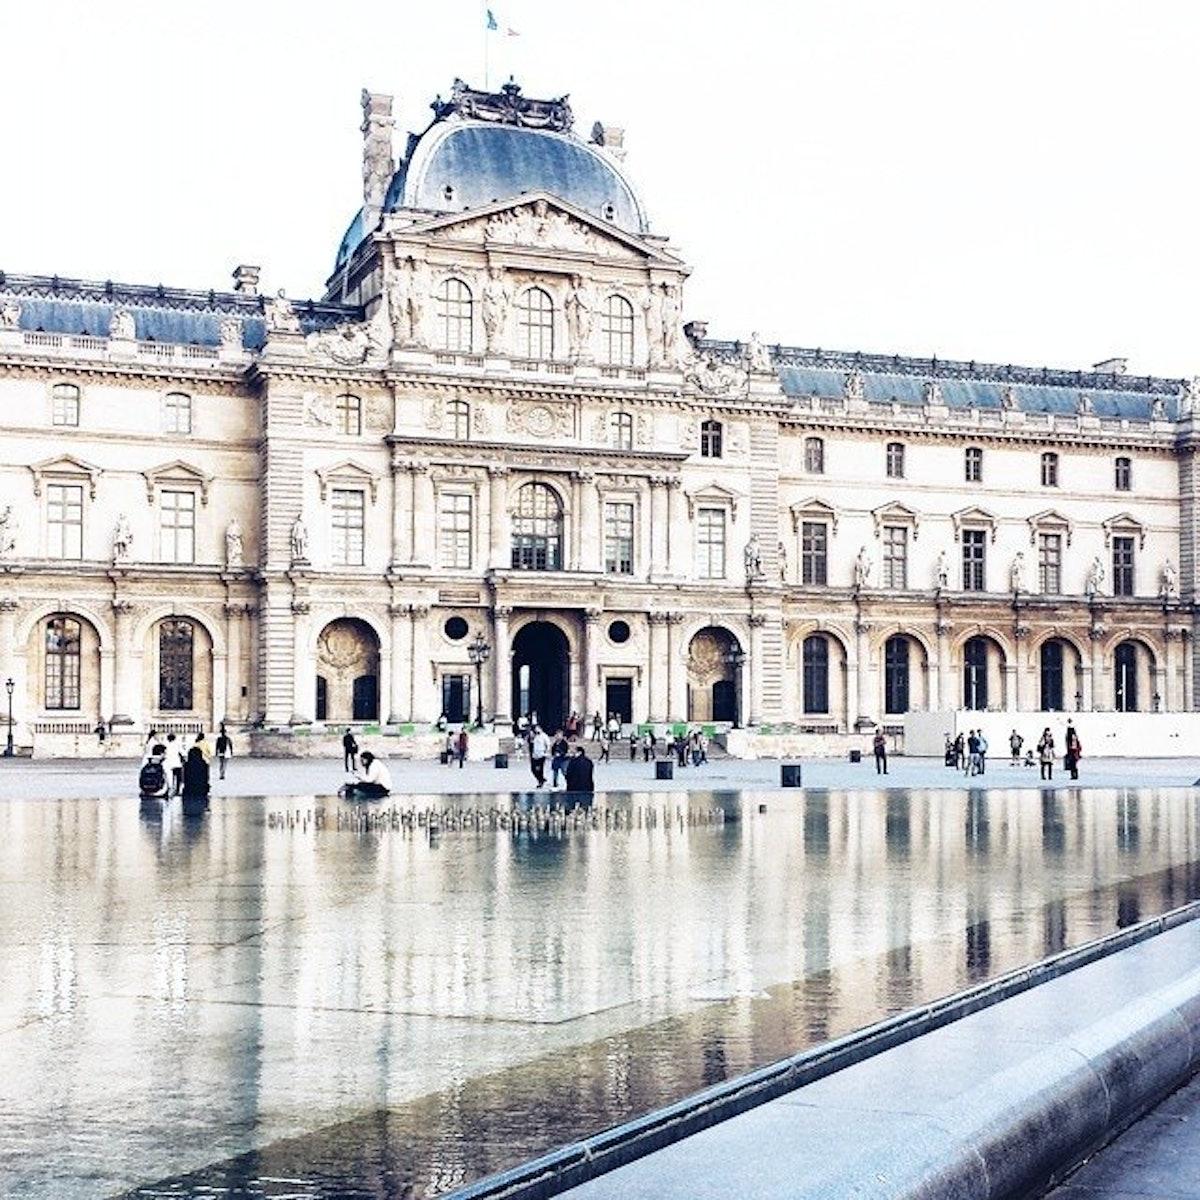 Musée du Louvre by jiwonrchoi